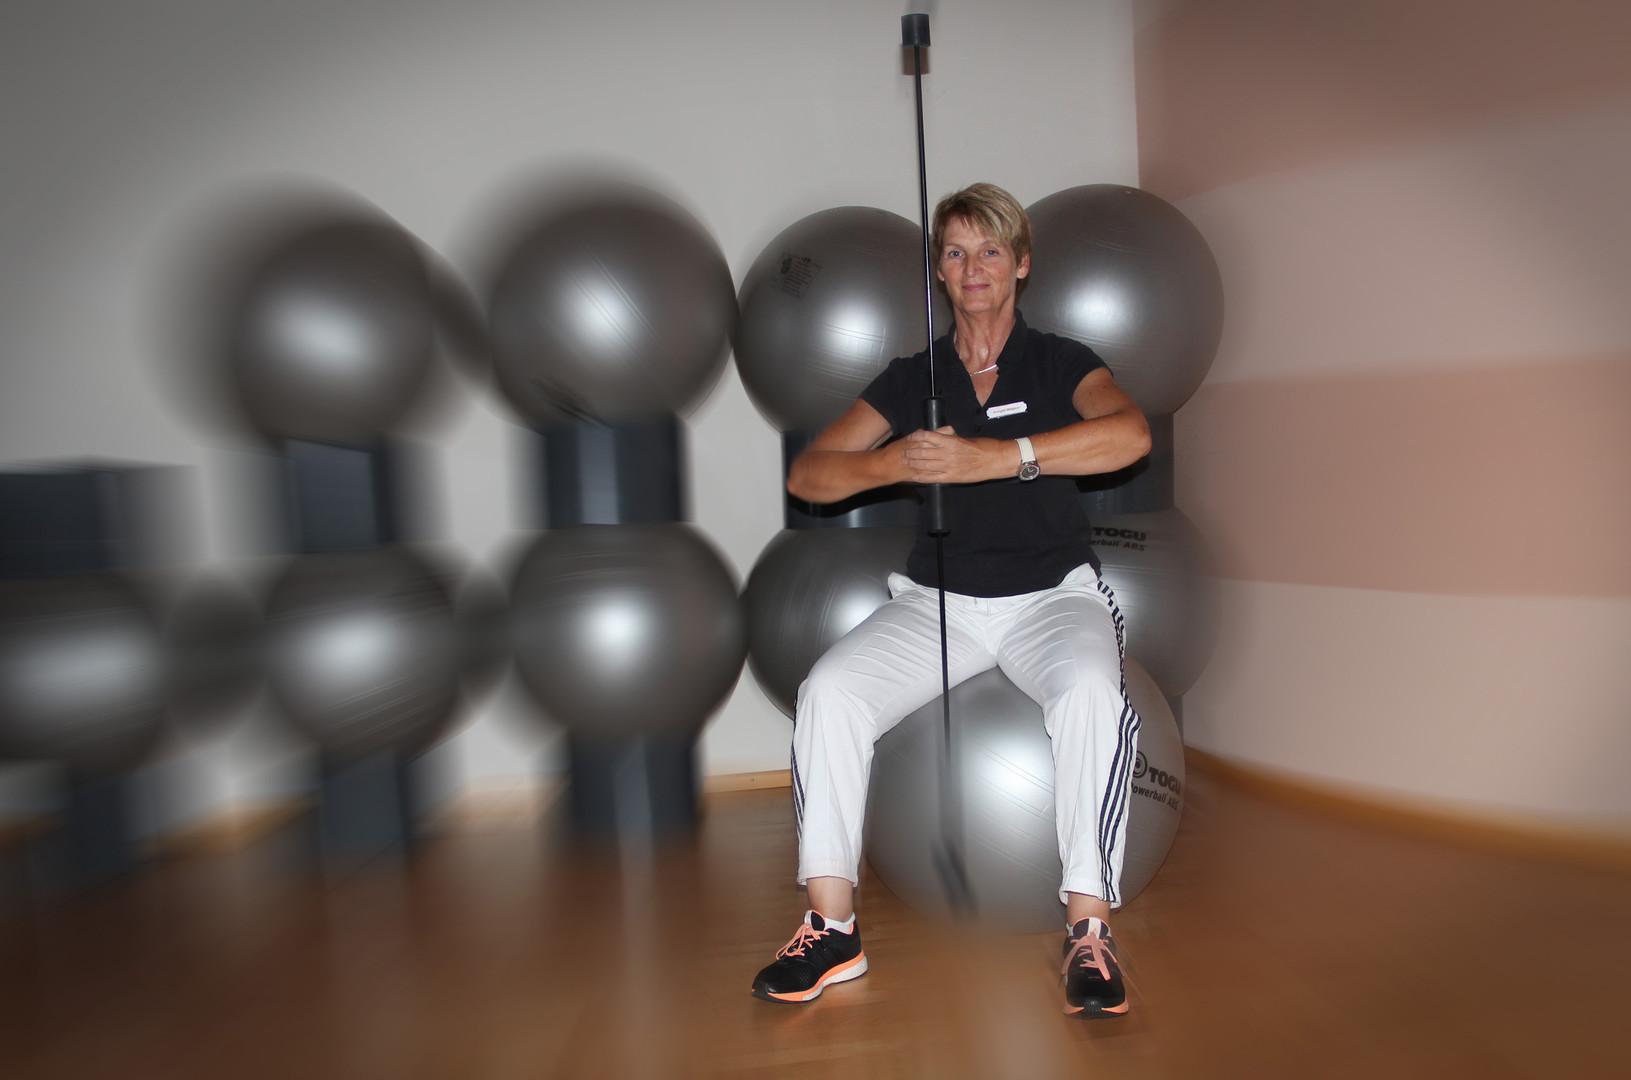 Unsere-Physiotherapeutin-Margit